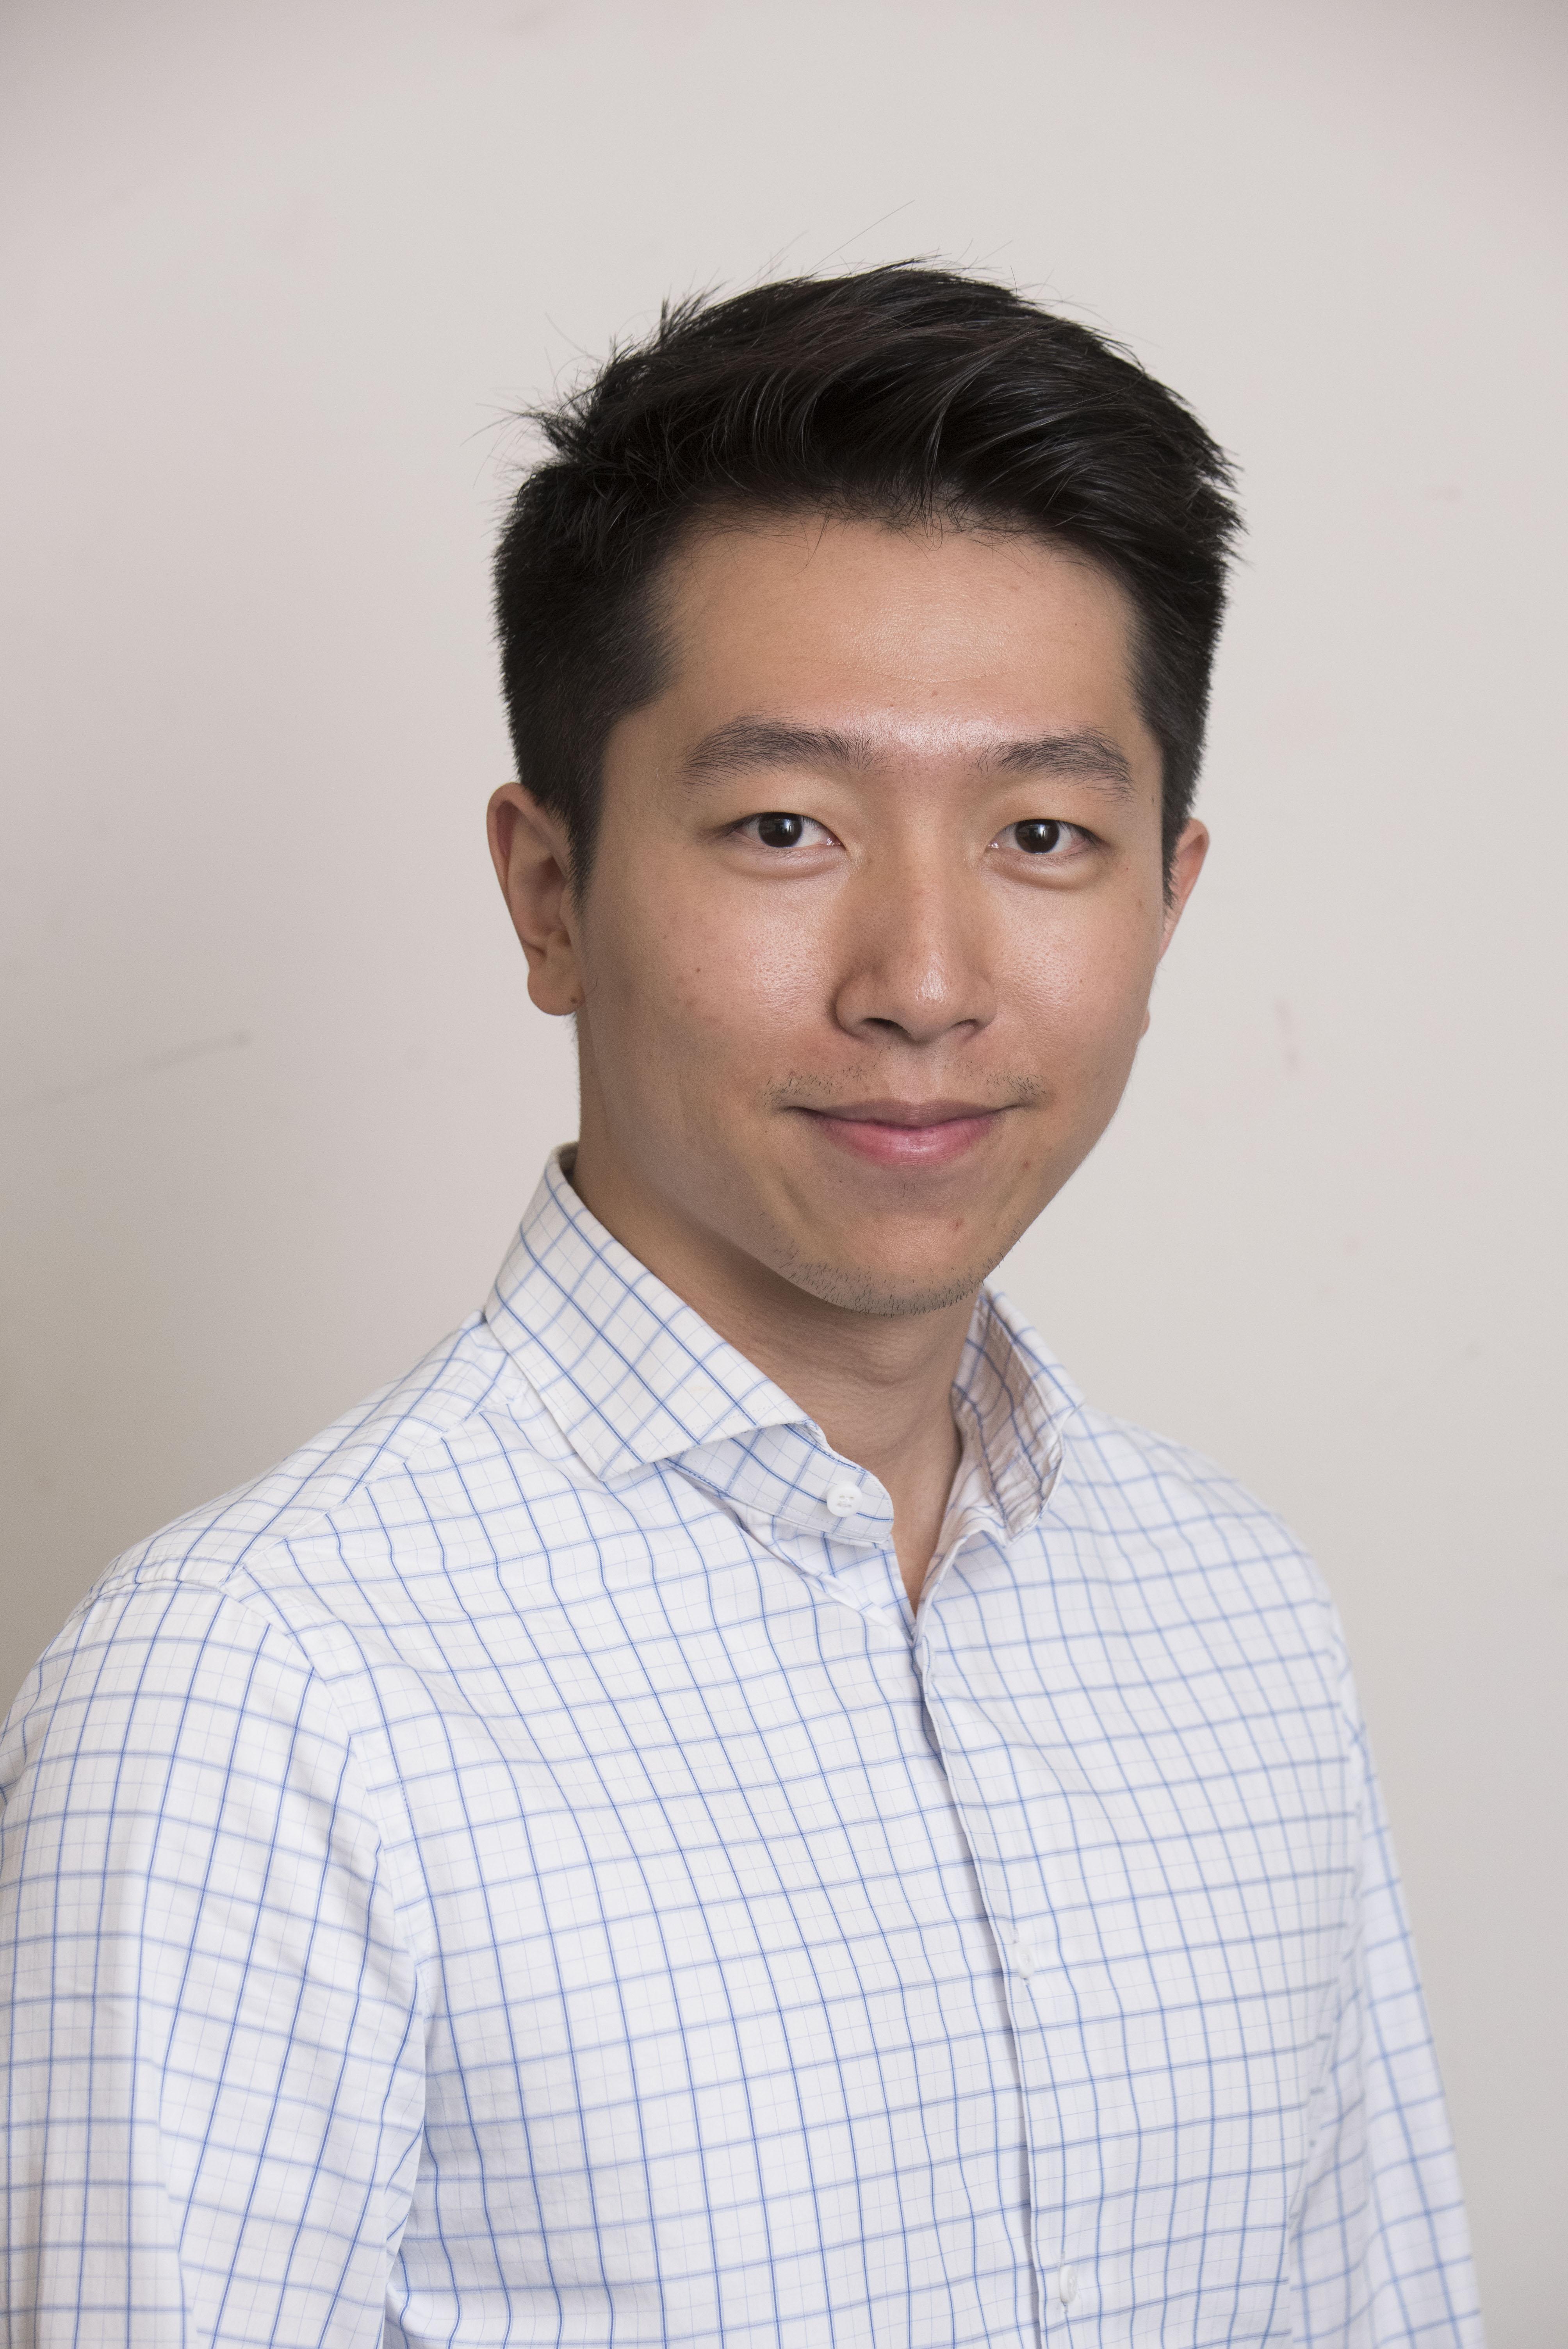 Headshot of Ian Xiao